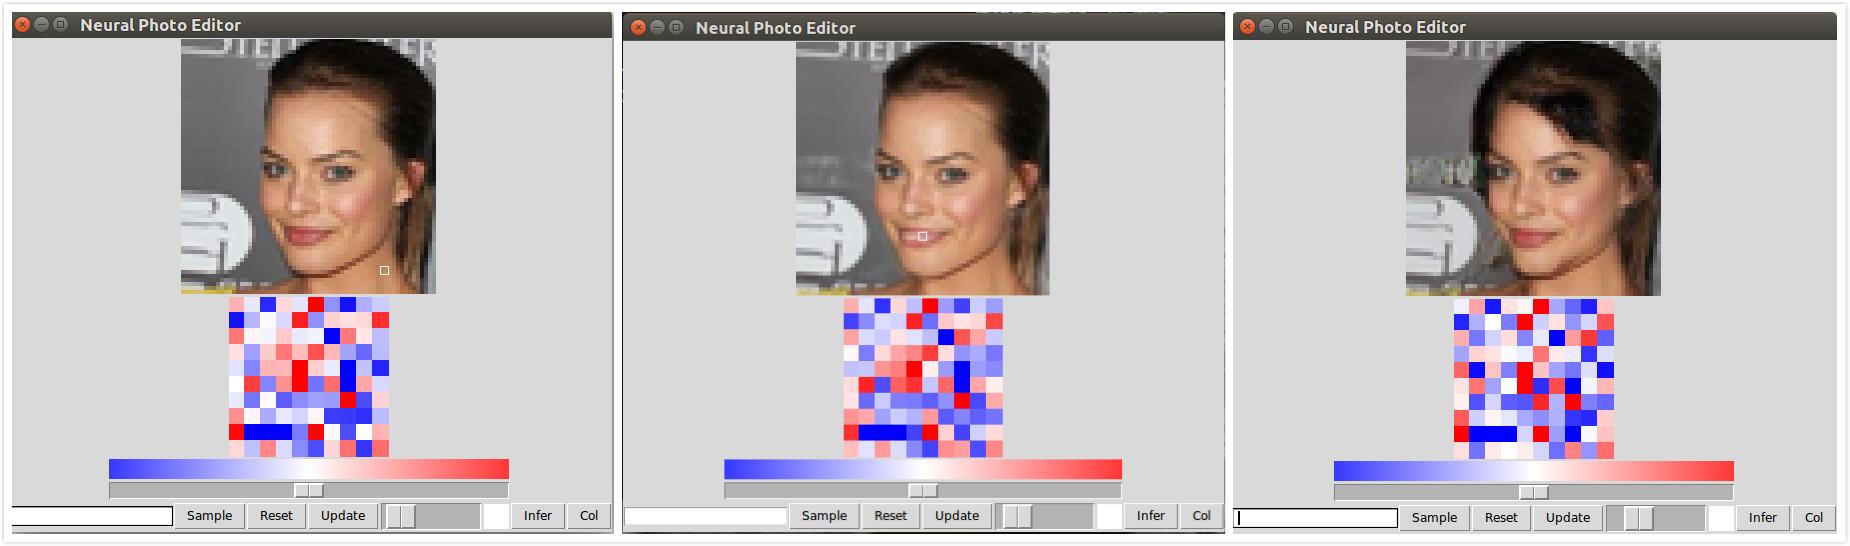 利用神经网络编辑图片的调研